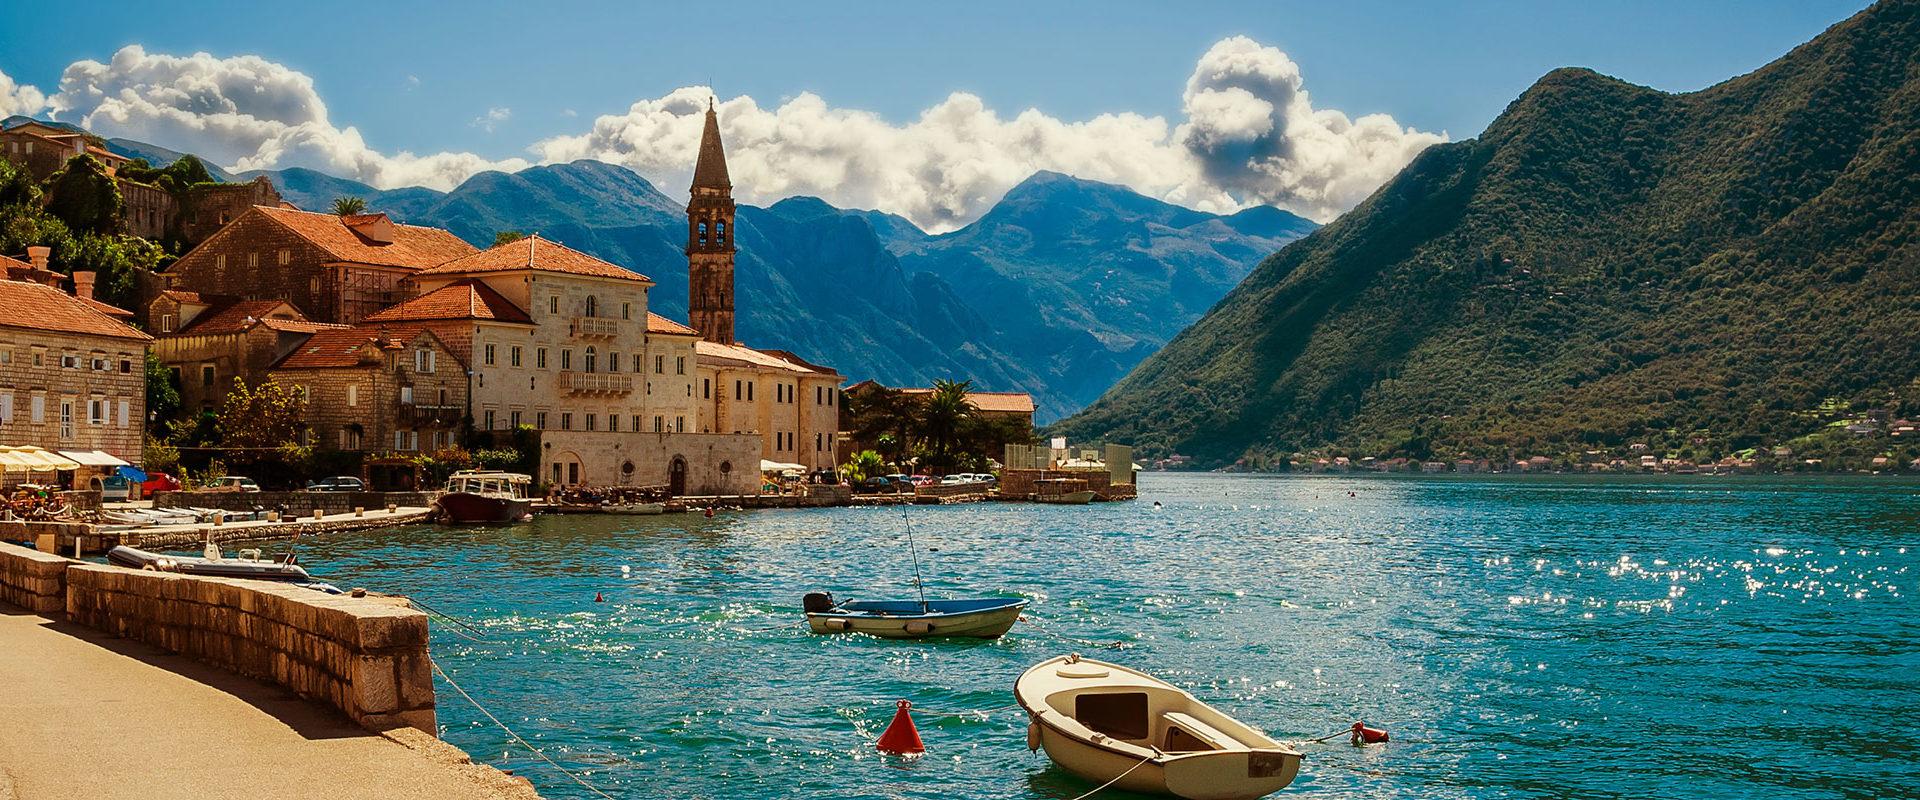 Покупка недвижимости в Черногории для пенсионеров